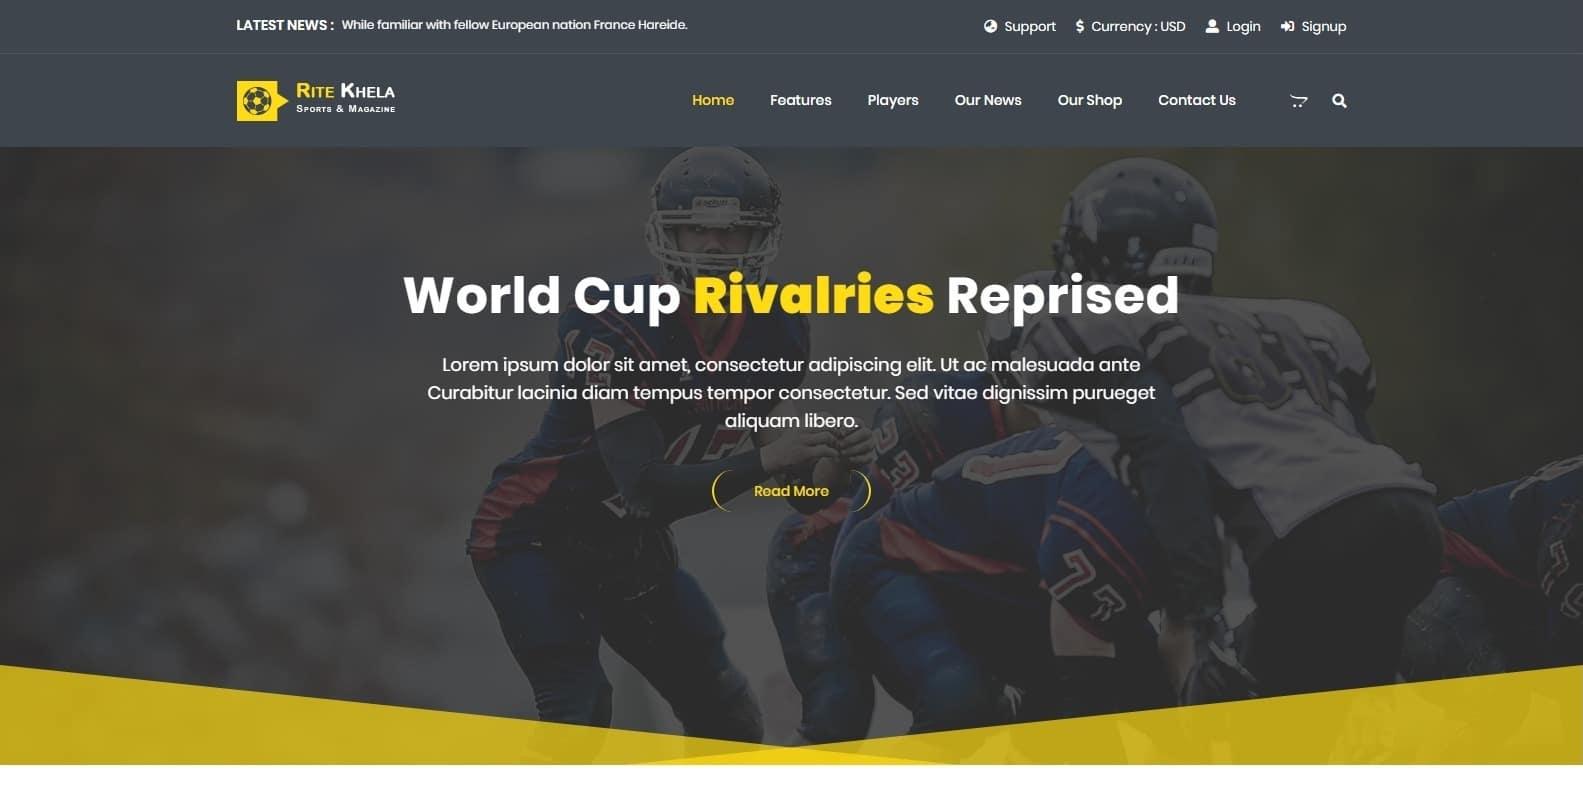 ritekhela-sports-website-template